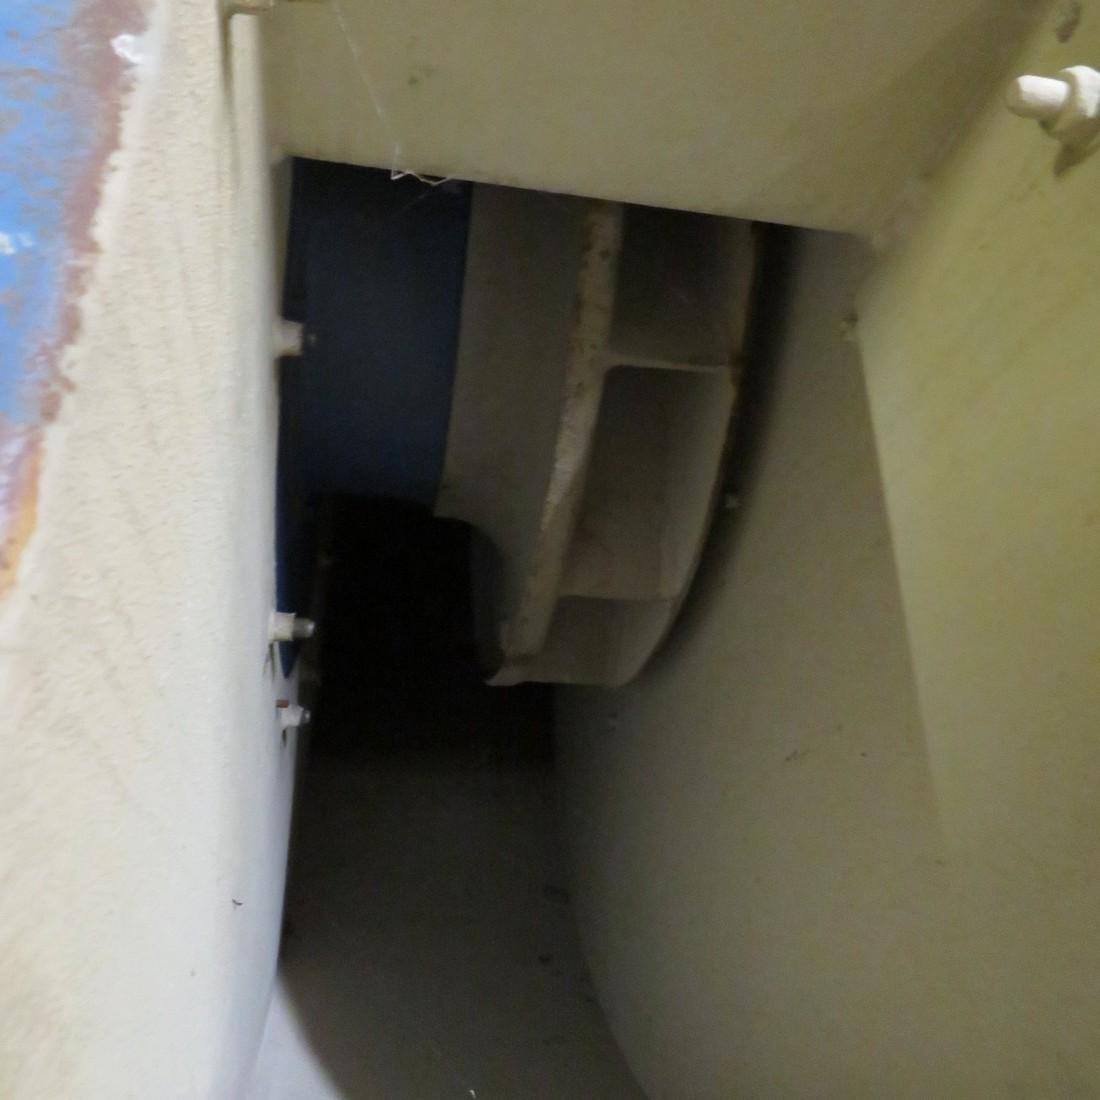 R1X1261 DELTA NEU FAN INSIDE